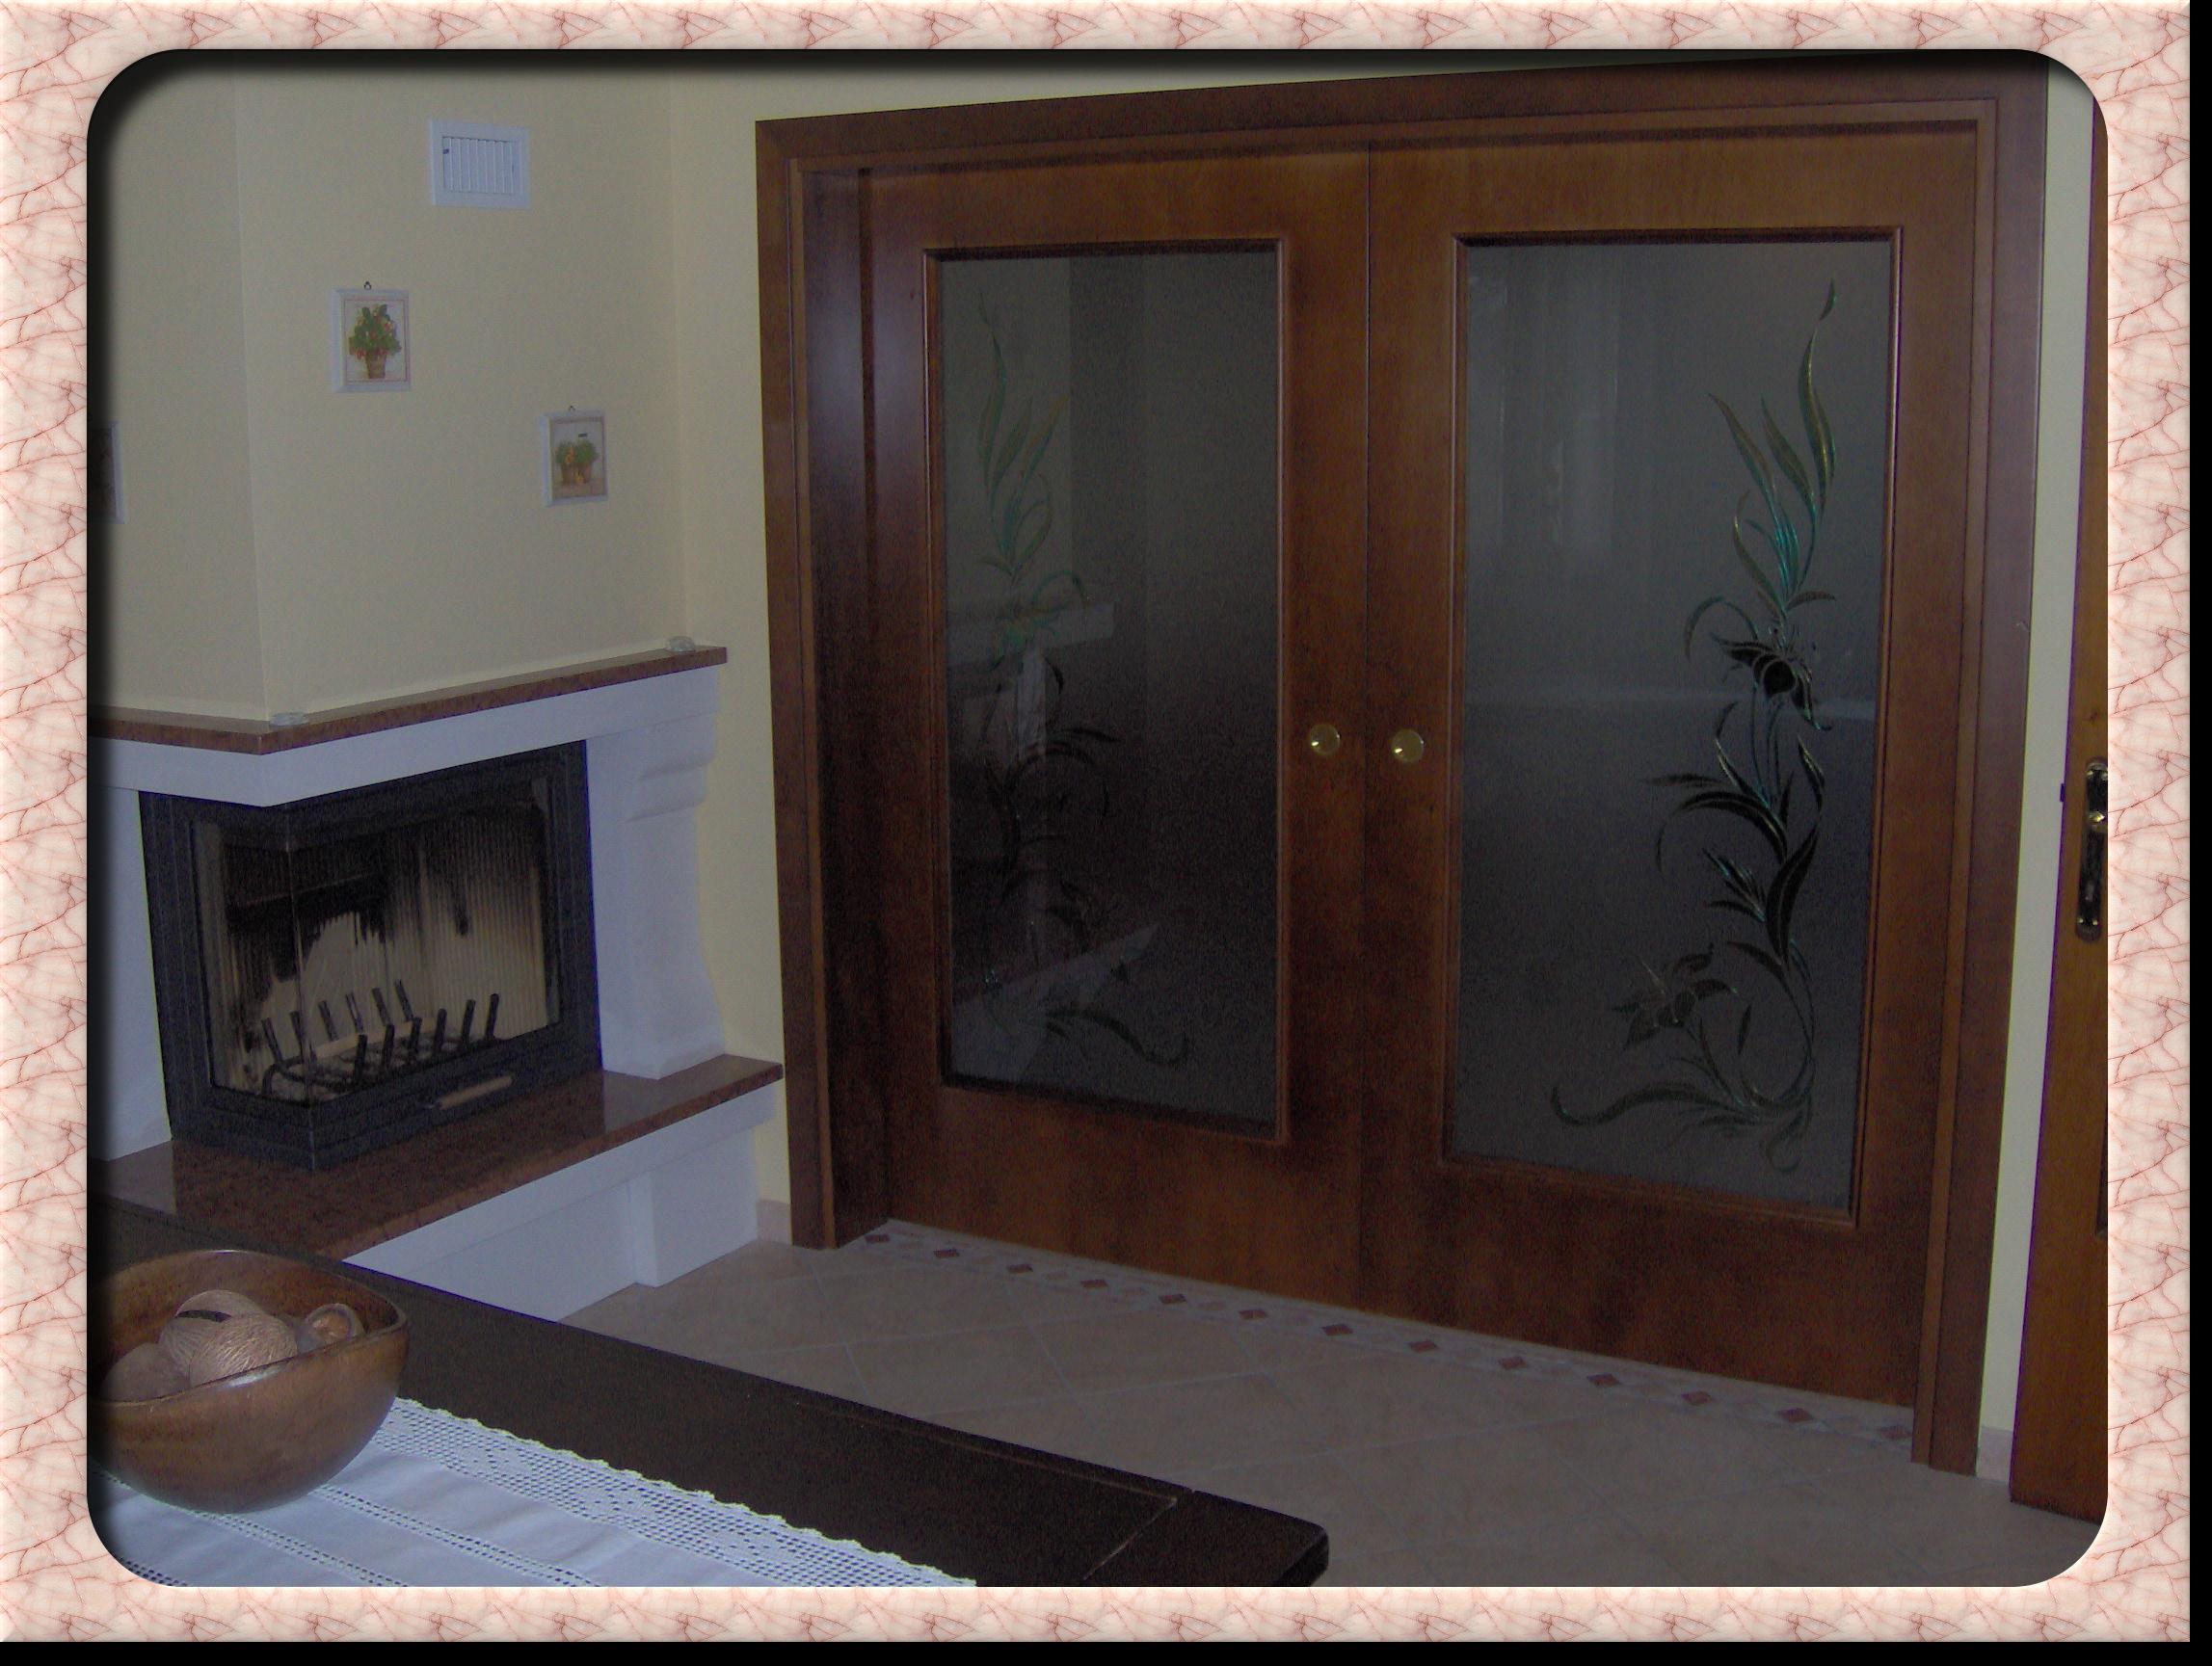 Falegnameria buson serramenti in legno - Porta scorrevole doppia ...